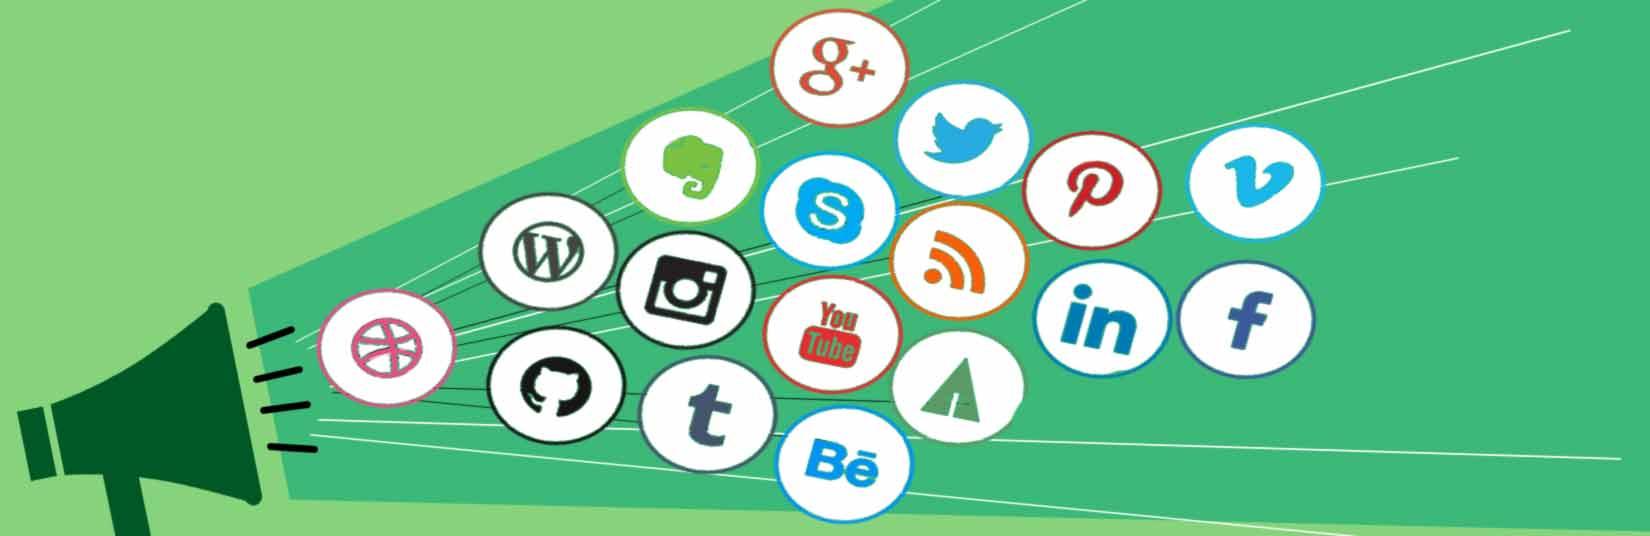 Social Media Promotion, Social Media, Social Media for seo audit